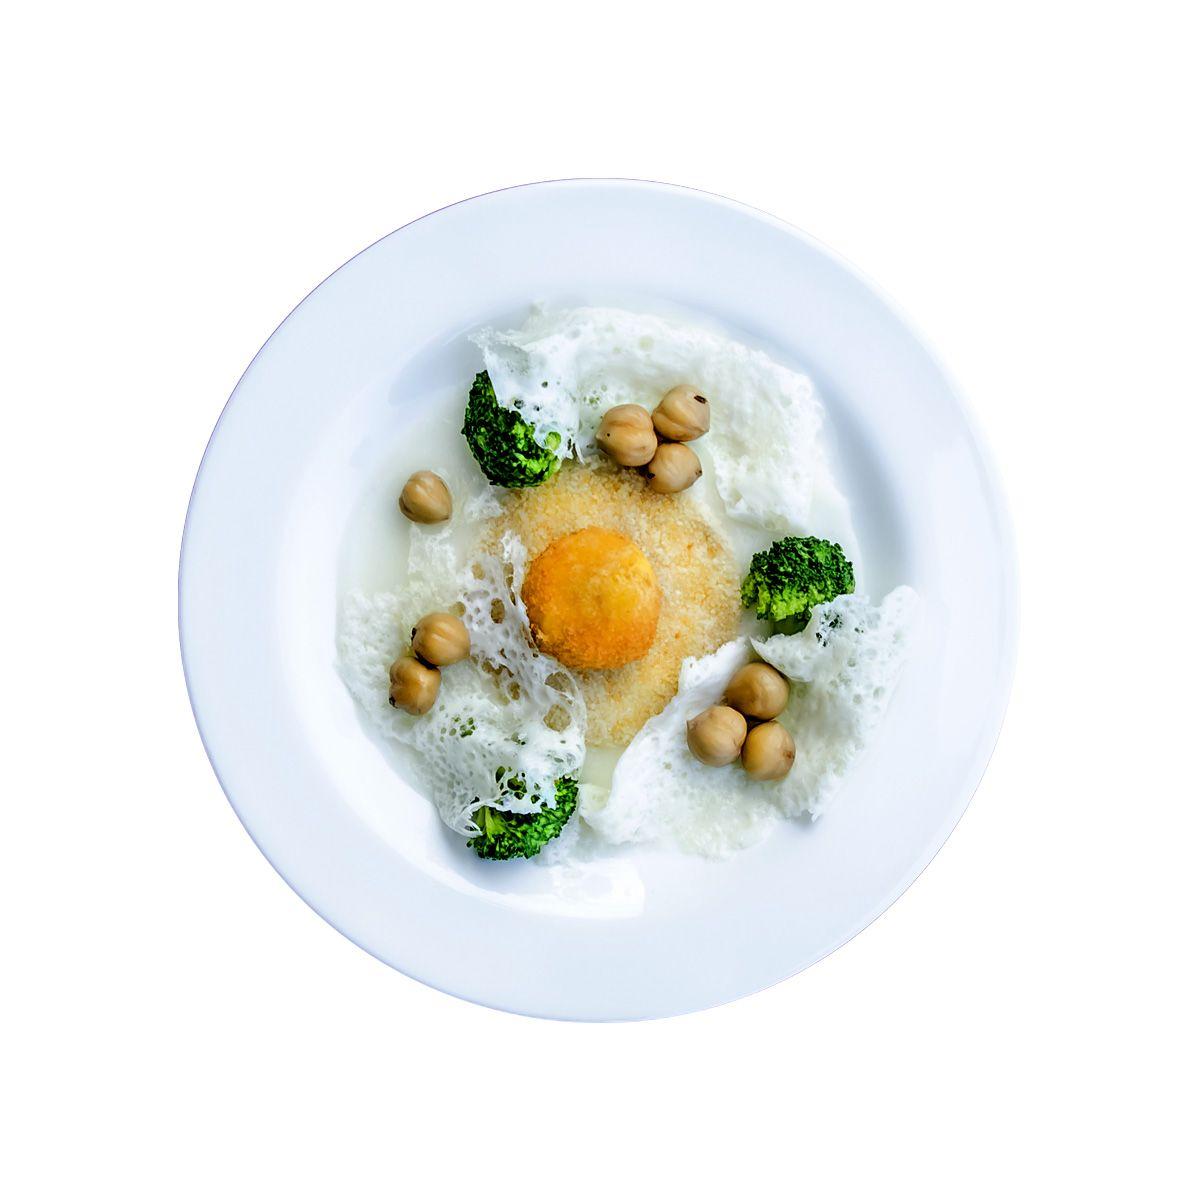 Uovo croccante con fonduta leggera di parmigiano, broccoli e nocciole bollite. Agriturismo Torino Cantina Nicola.